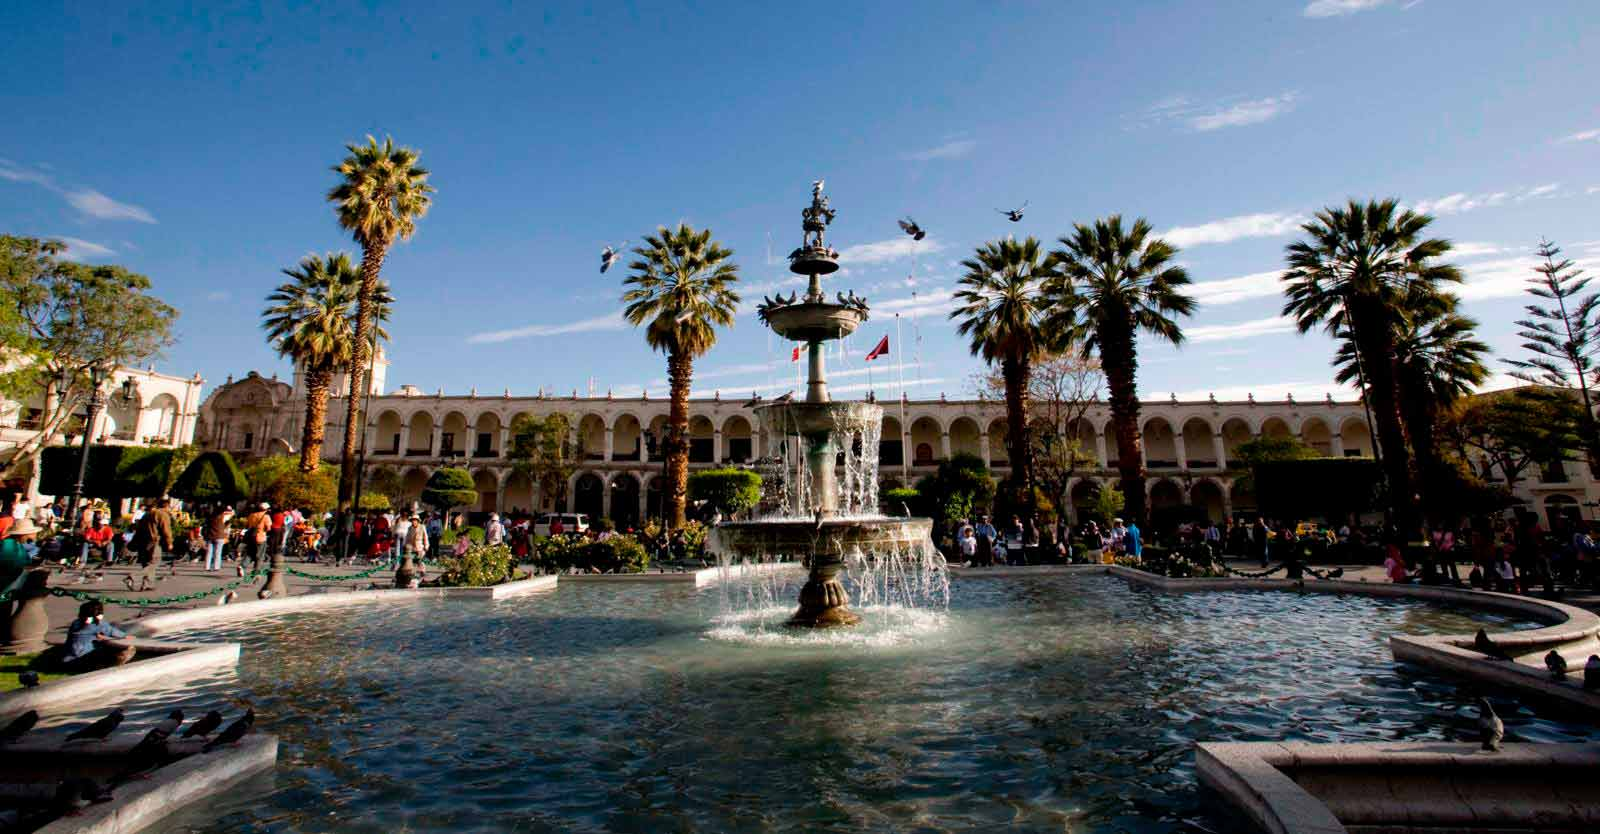 Plaza de Armas de Ciudad de Arequipa